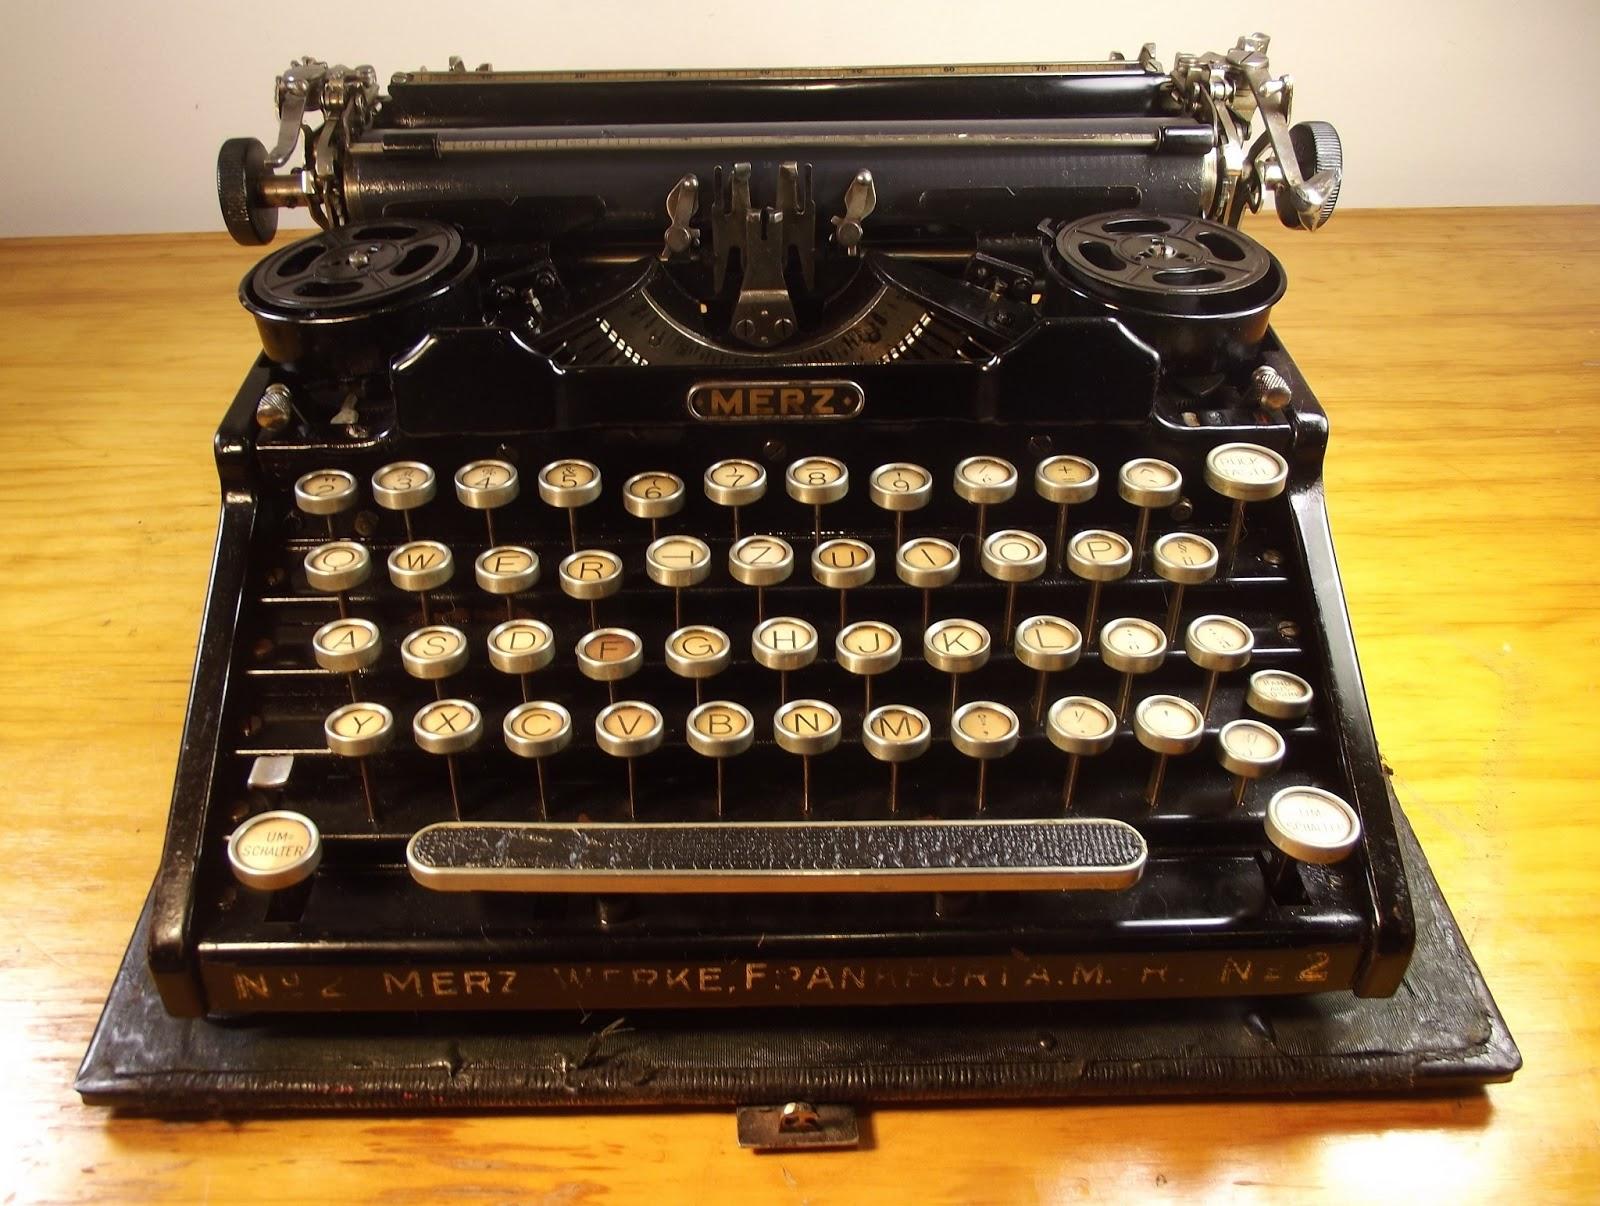 Merz: Oz.Typewriter: Merz Typewriter